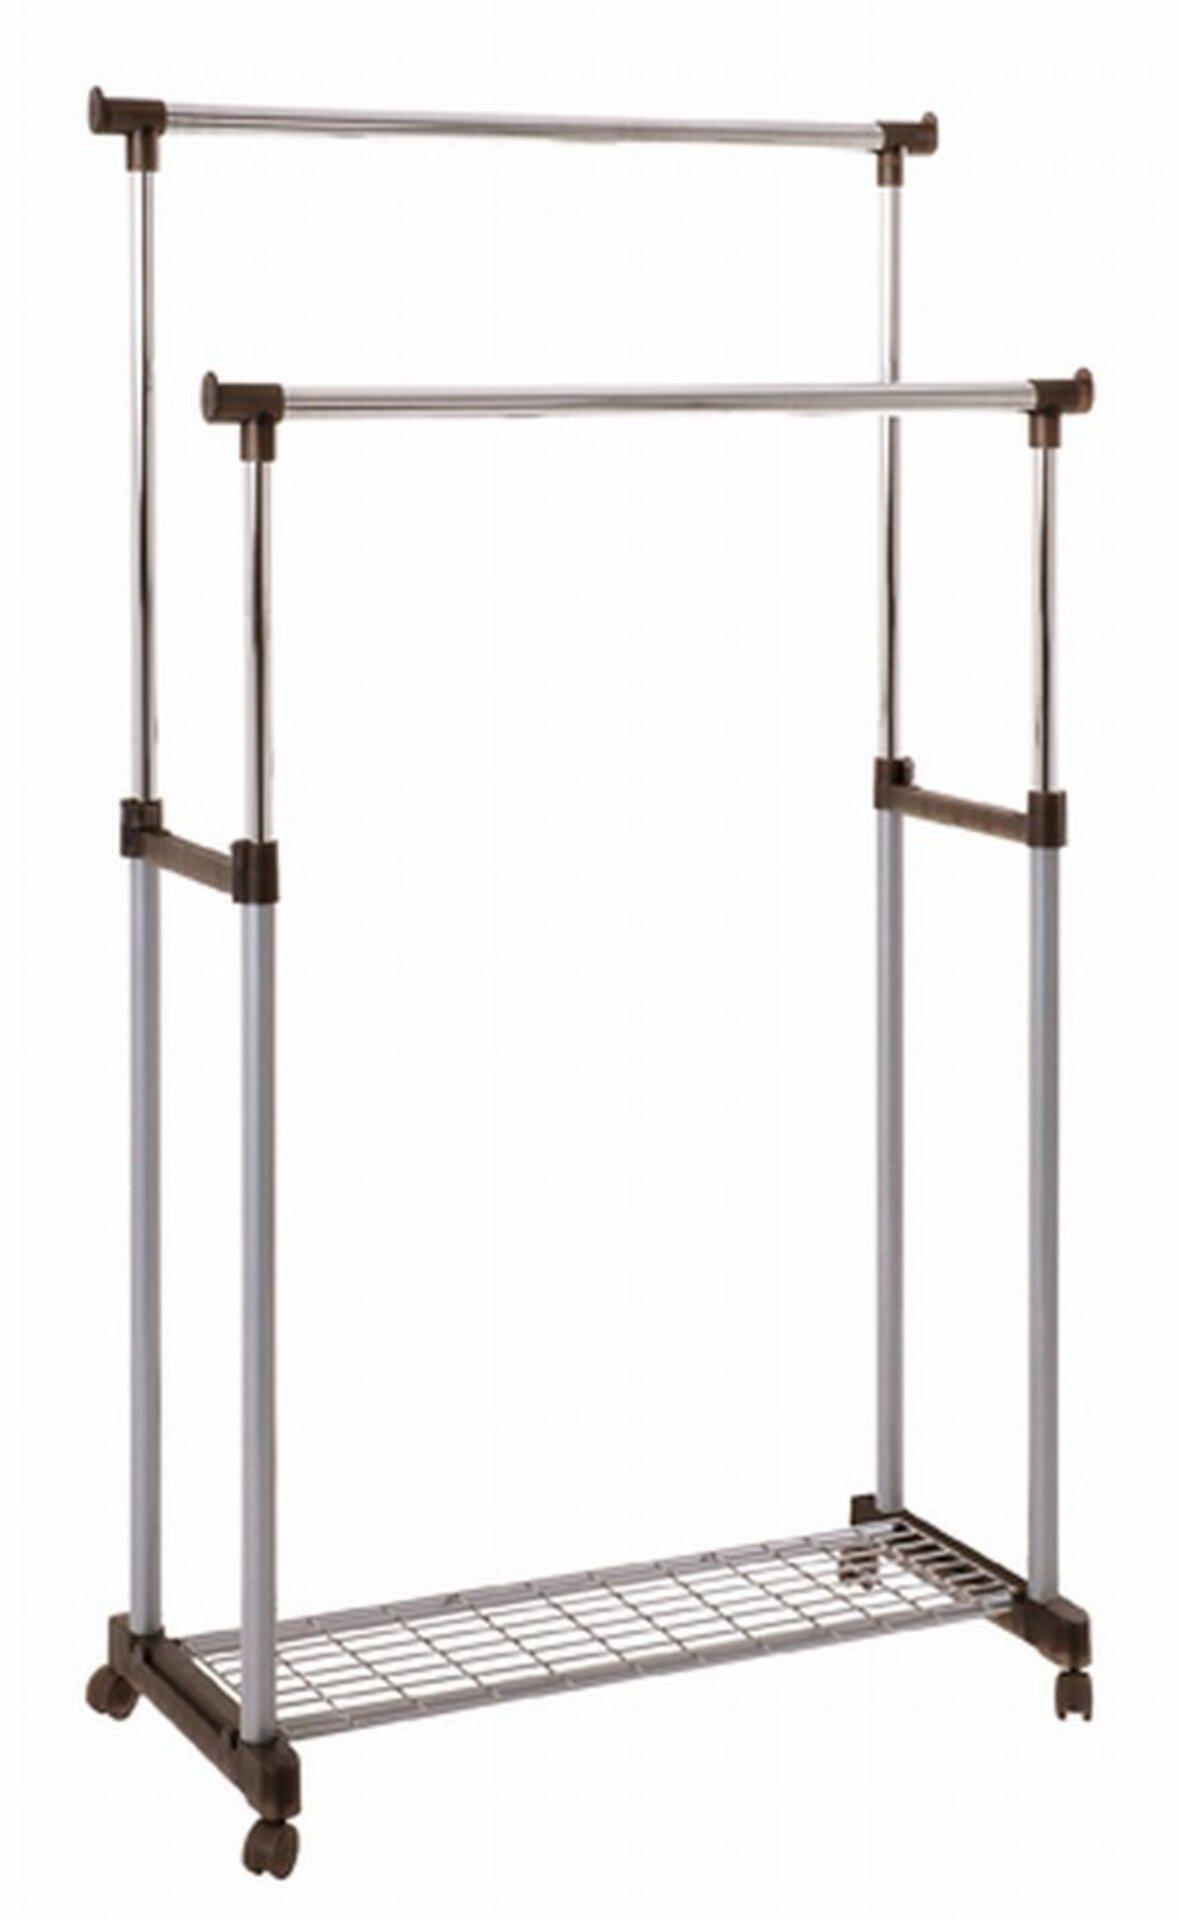 Kleiderständer DOUBLE inbuy Metall 43 x 95 x 95 cm